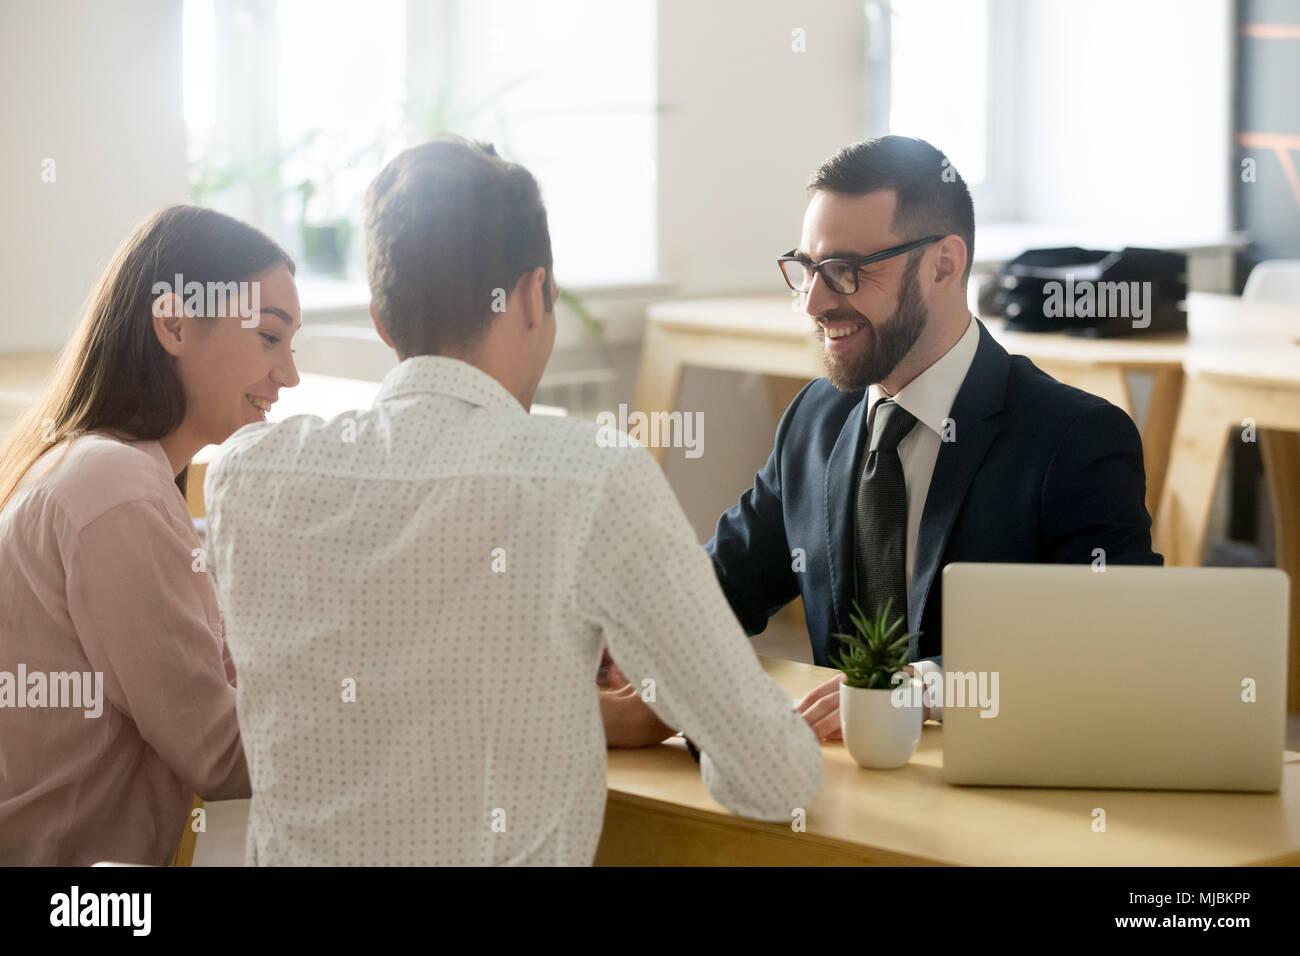 Gentile avvocato o consulente finanziario in tuta consulting giovane co Immagini Stock